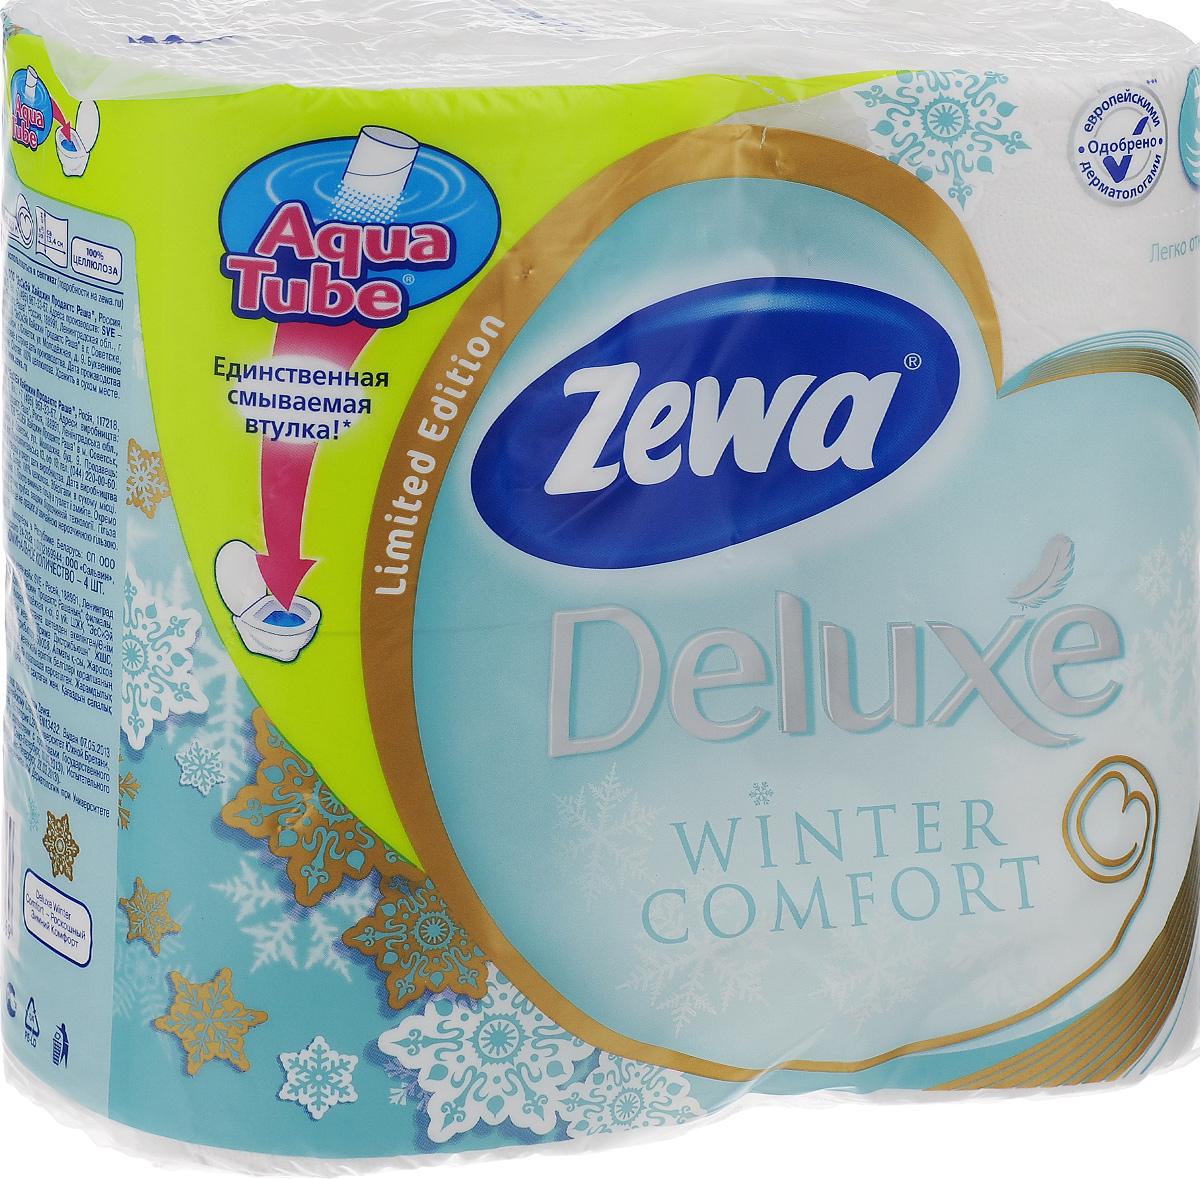 Туалетная бумага Zewa Deluxe. Winter Comfort, трехслойная, цвет: белый, 4 рулона03/1/12Трехслойная туалетная бумага Zewa Deluxe. Winter Comfort изготовлена из целлюлозы высшего качества. Мягкая, нежная, но в тоже время прочная, бумага не расслаивается и отрывается строго по линии перфорации. Рулоны оснащены смываемой биоразлагаемой втулкой. Бумага без аромата.Материал: 100% целлюлоза.Количество листов (в одном рулоне): 150 шт.Количество слоев: 3.Размер листа: 9,5 см х 13,4 см.Длина рулона: 20,1 м.